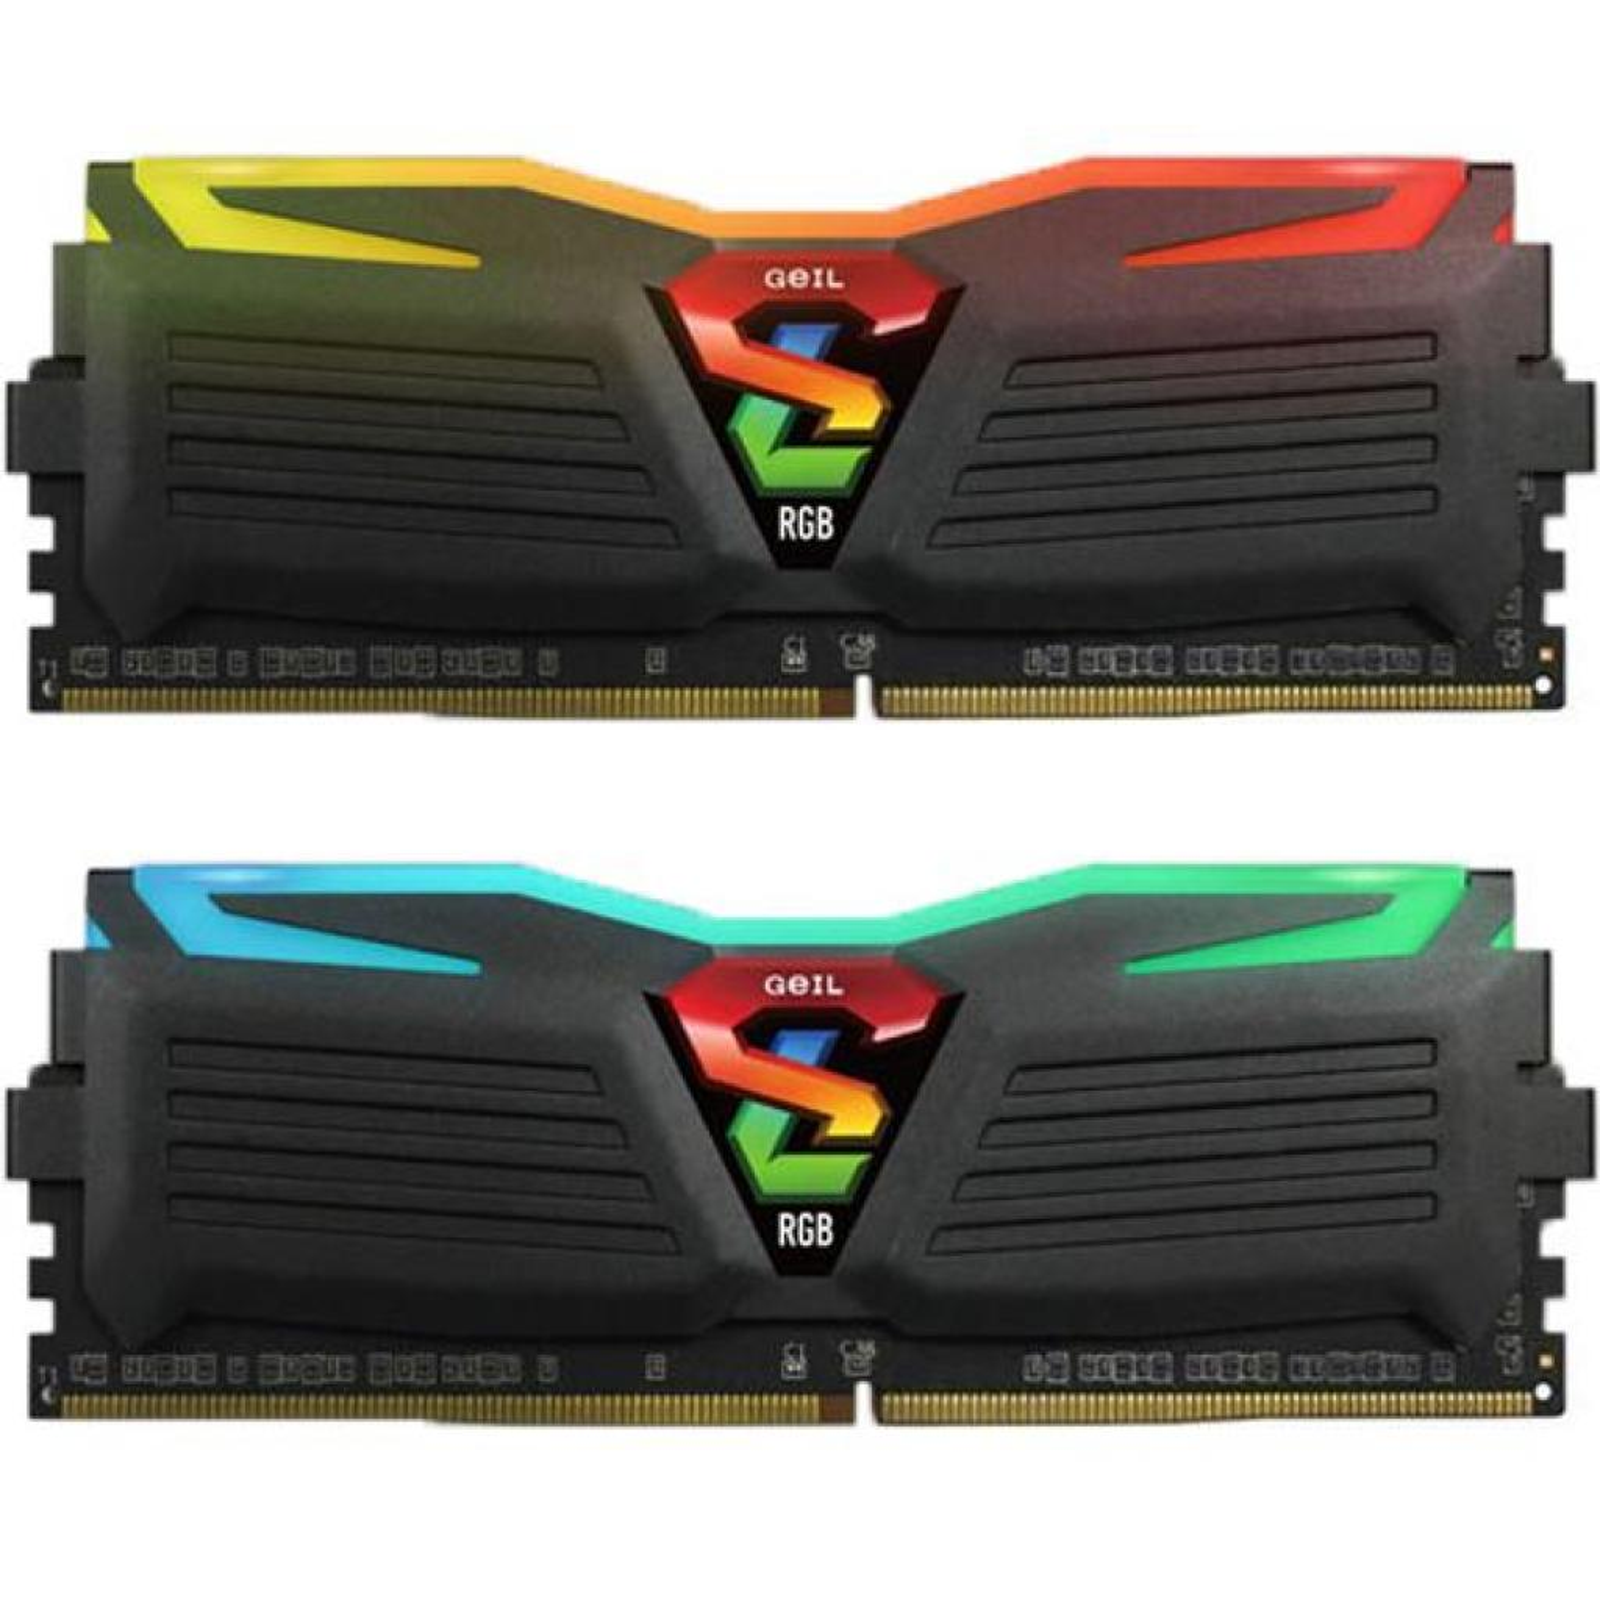 Модуль памяти для компьютера DDR4 16GB (2x8GB) 3200 MHz Super Luce Black RGB LED Geil (GLC416GB3200C16ADC)